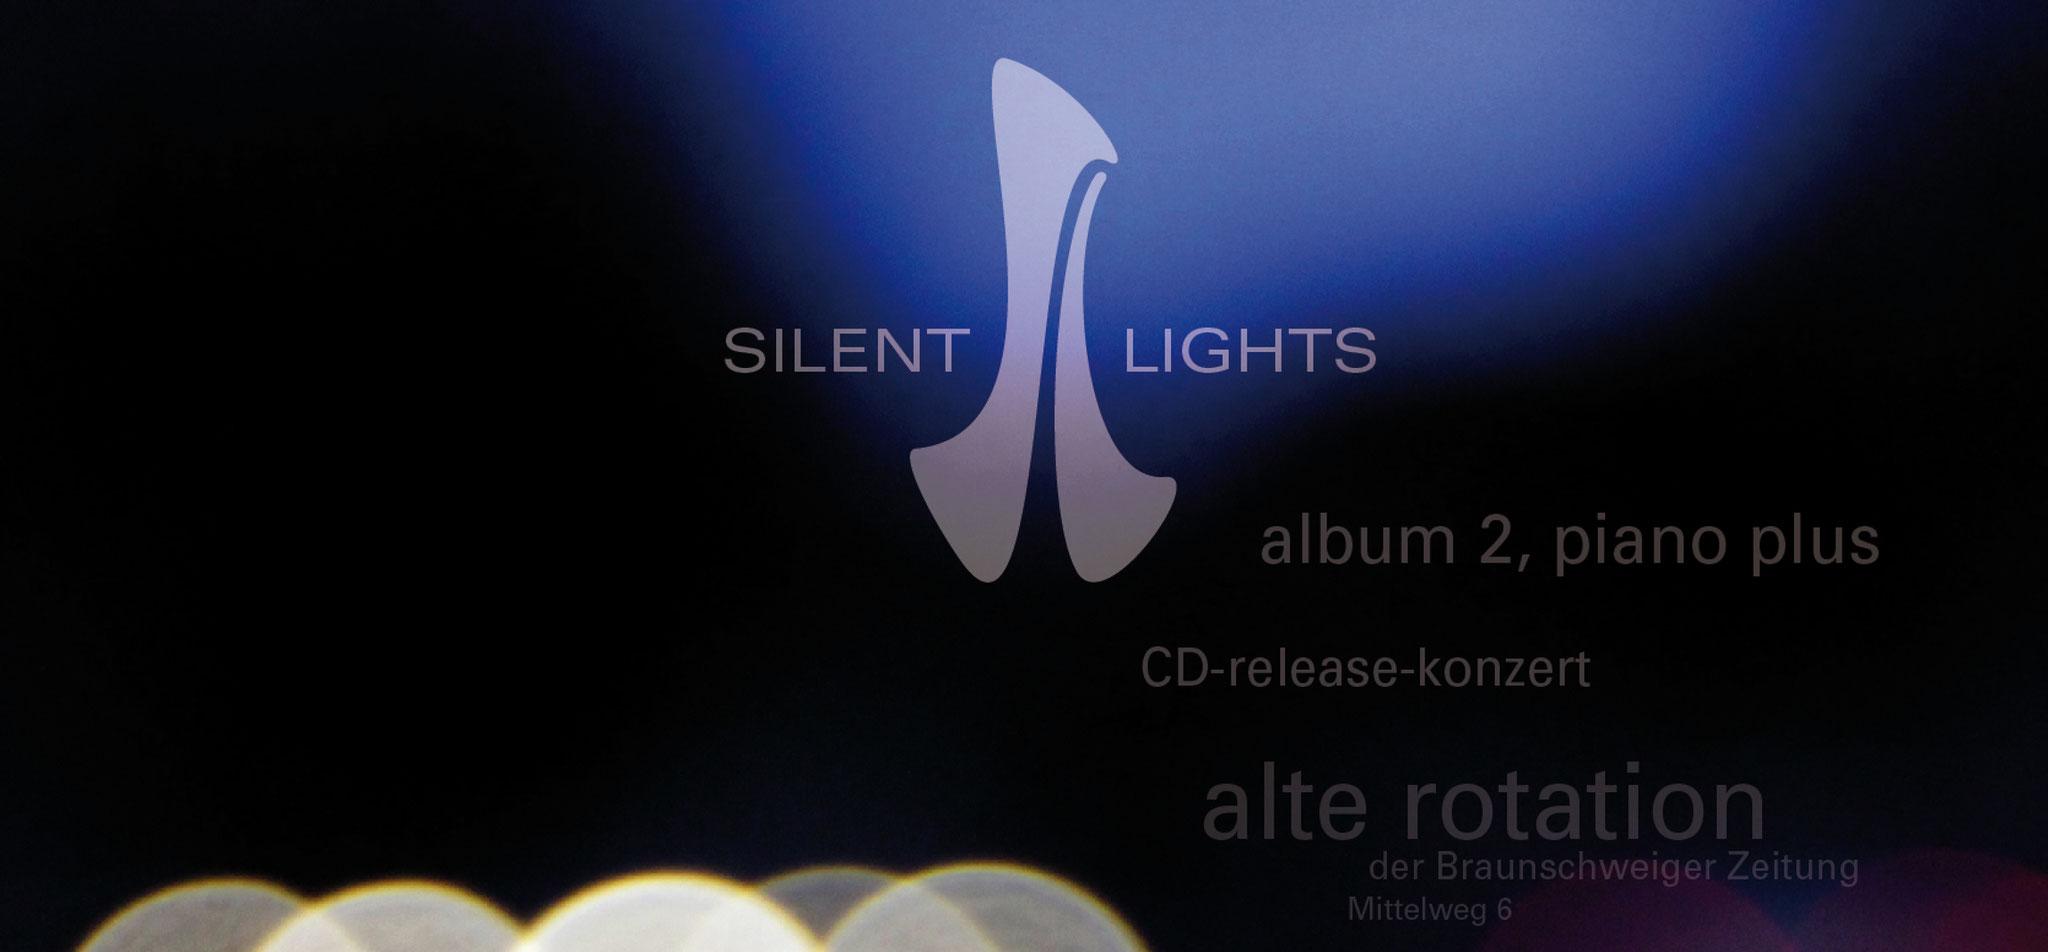 JAN BEHRENS | logo silent lights in anwendung – infragrau, gute gestaltung